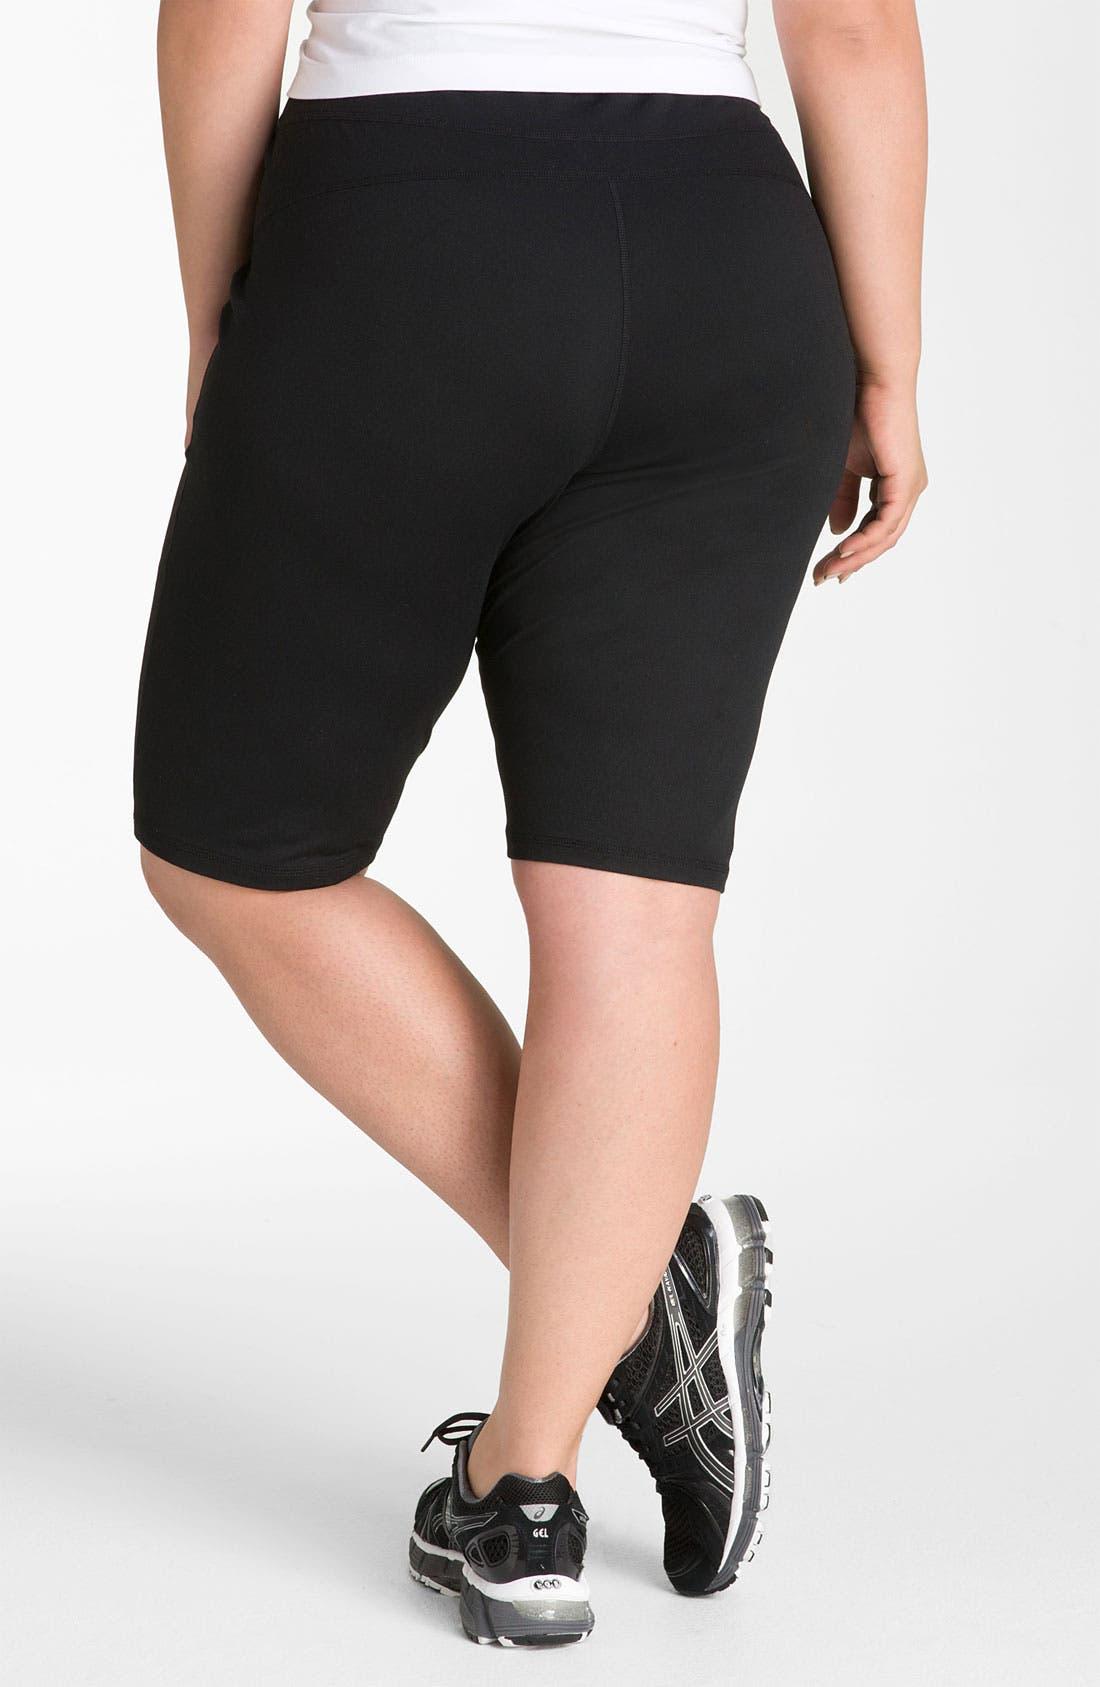 Alternate Image 1 Selected - Zella 'Balance 2' Shorts (Plus Size)